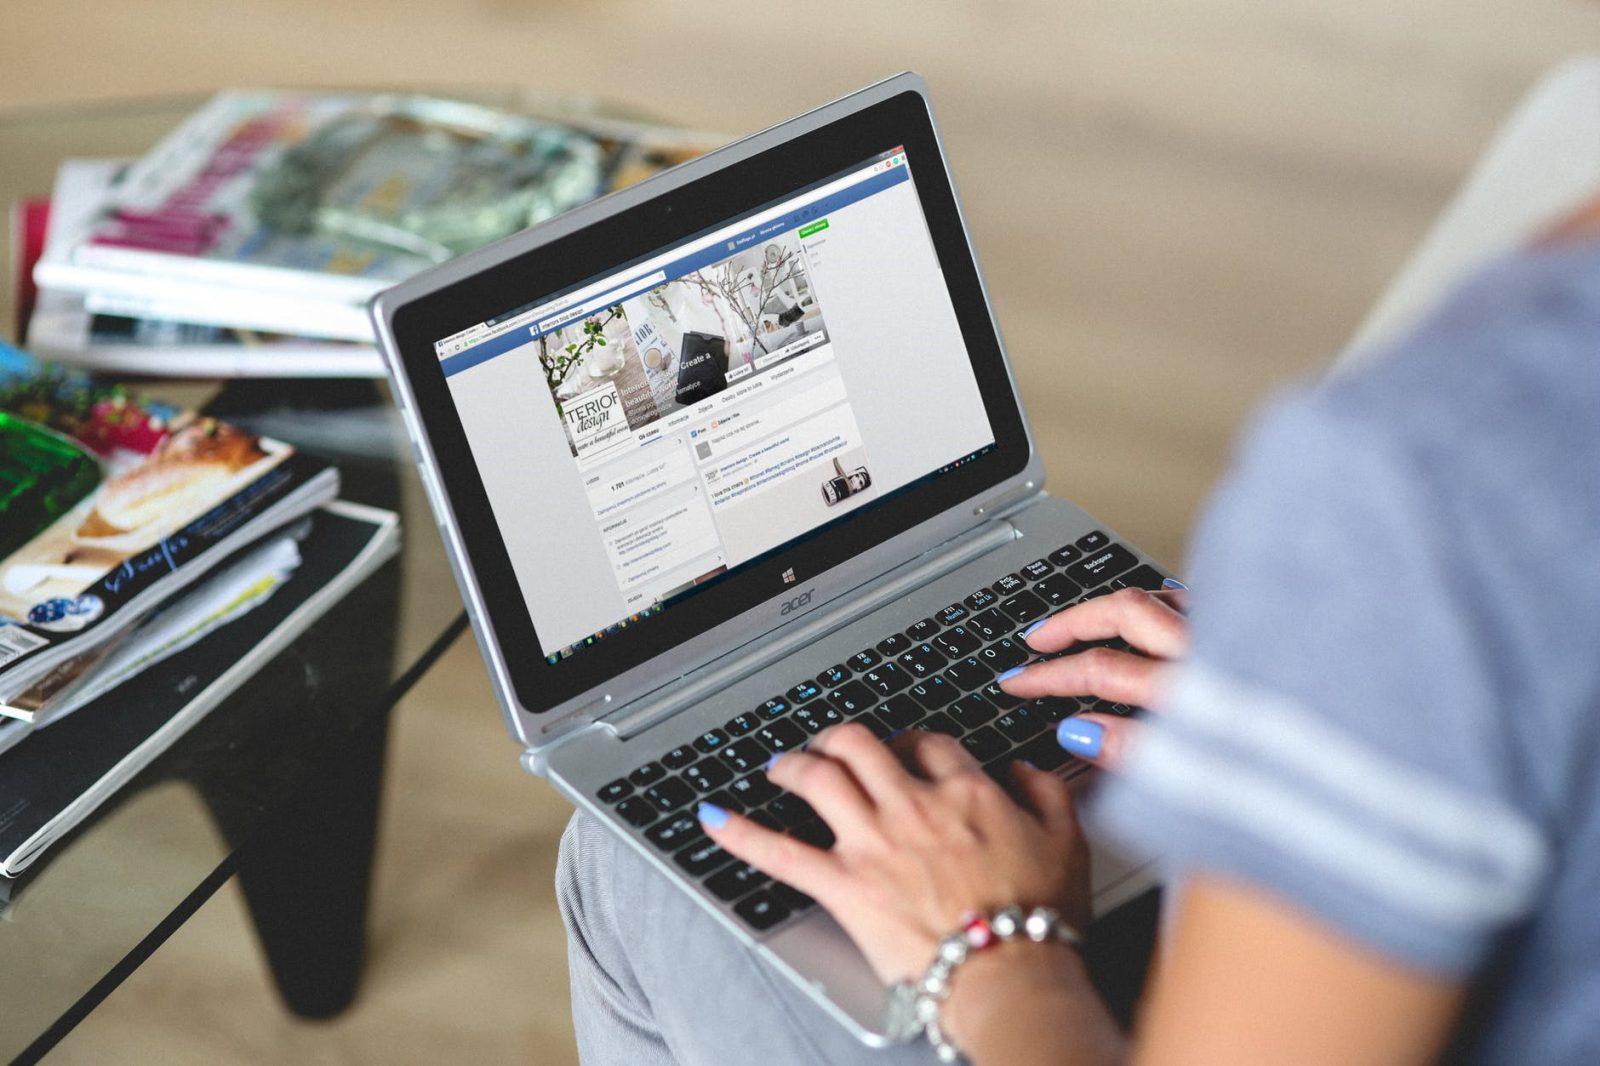 מחפשים תוכנית שותפים ? מהי מאפייני רשת שותפים איכותית